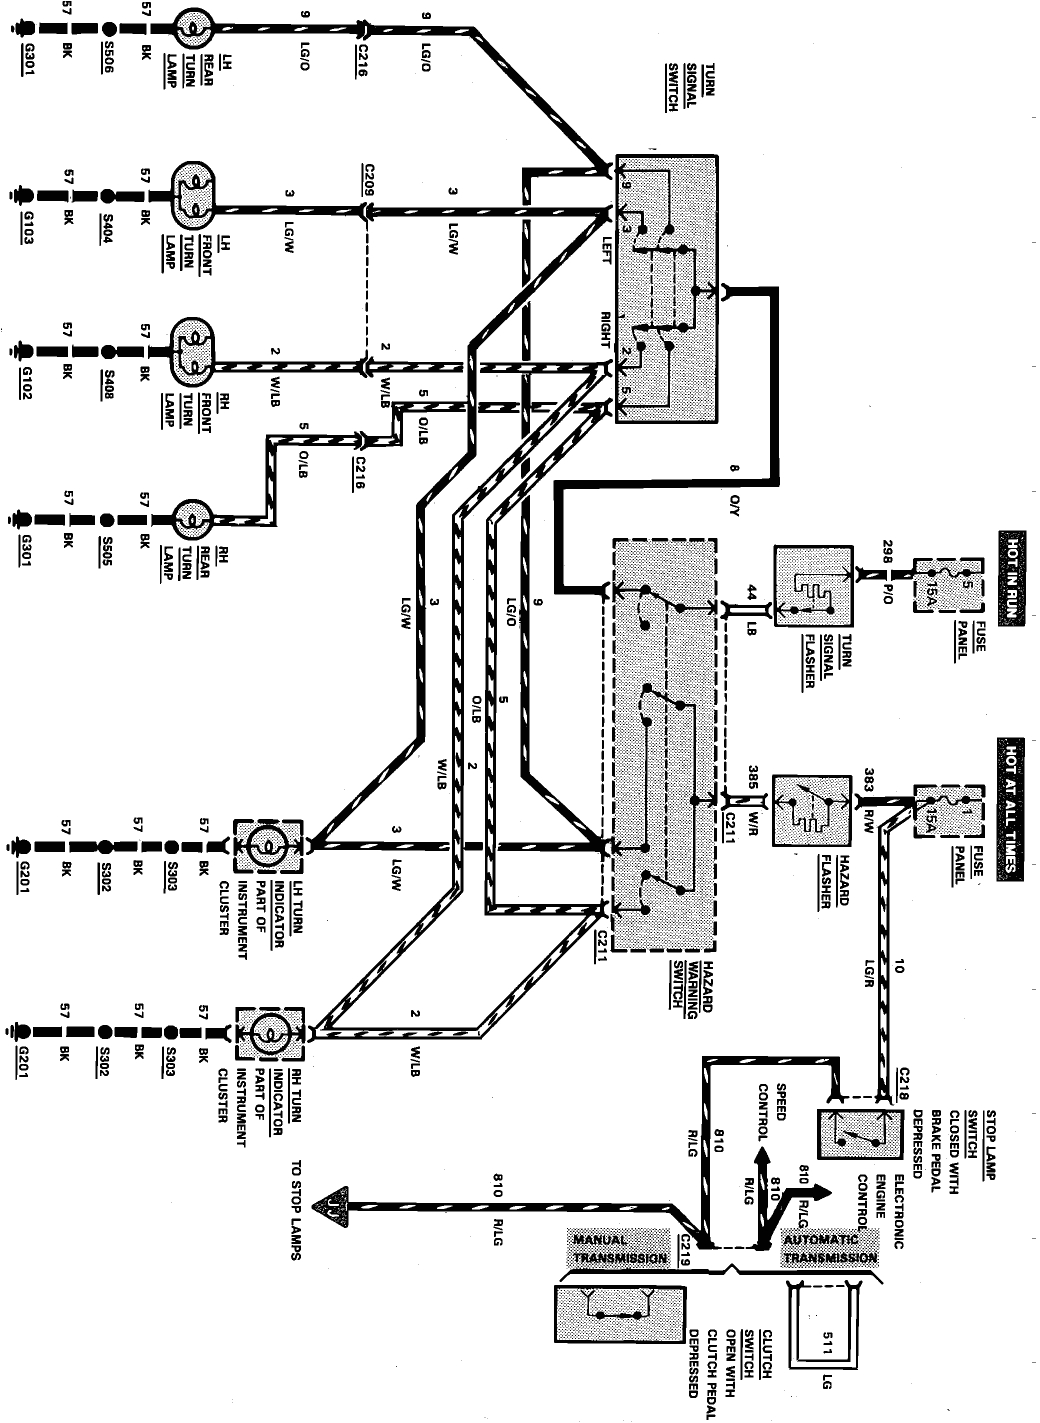 88 mustang gt wiring diagram wiring diagram article mix 1988 mustang wiring diagram wiring diagram database